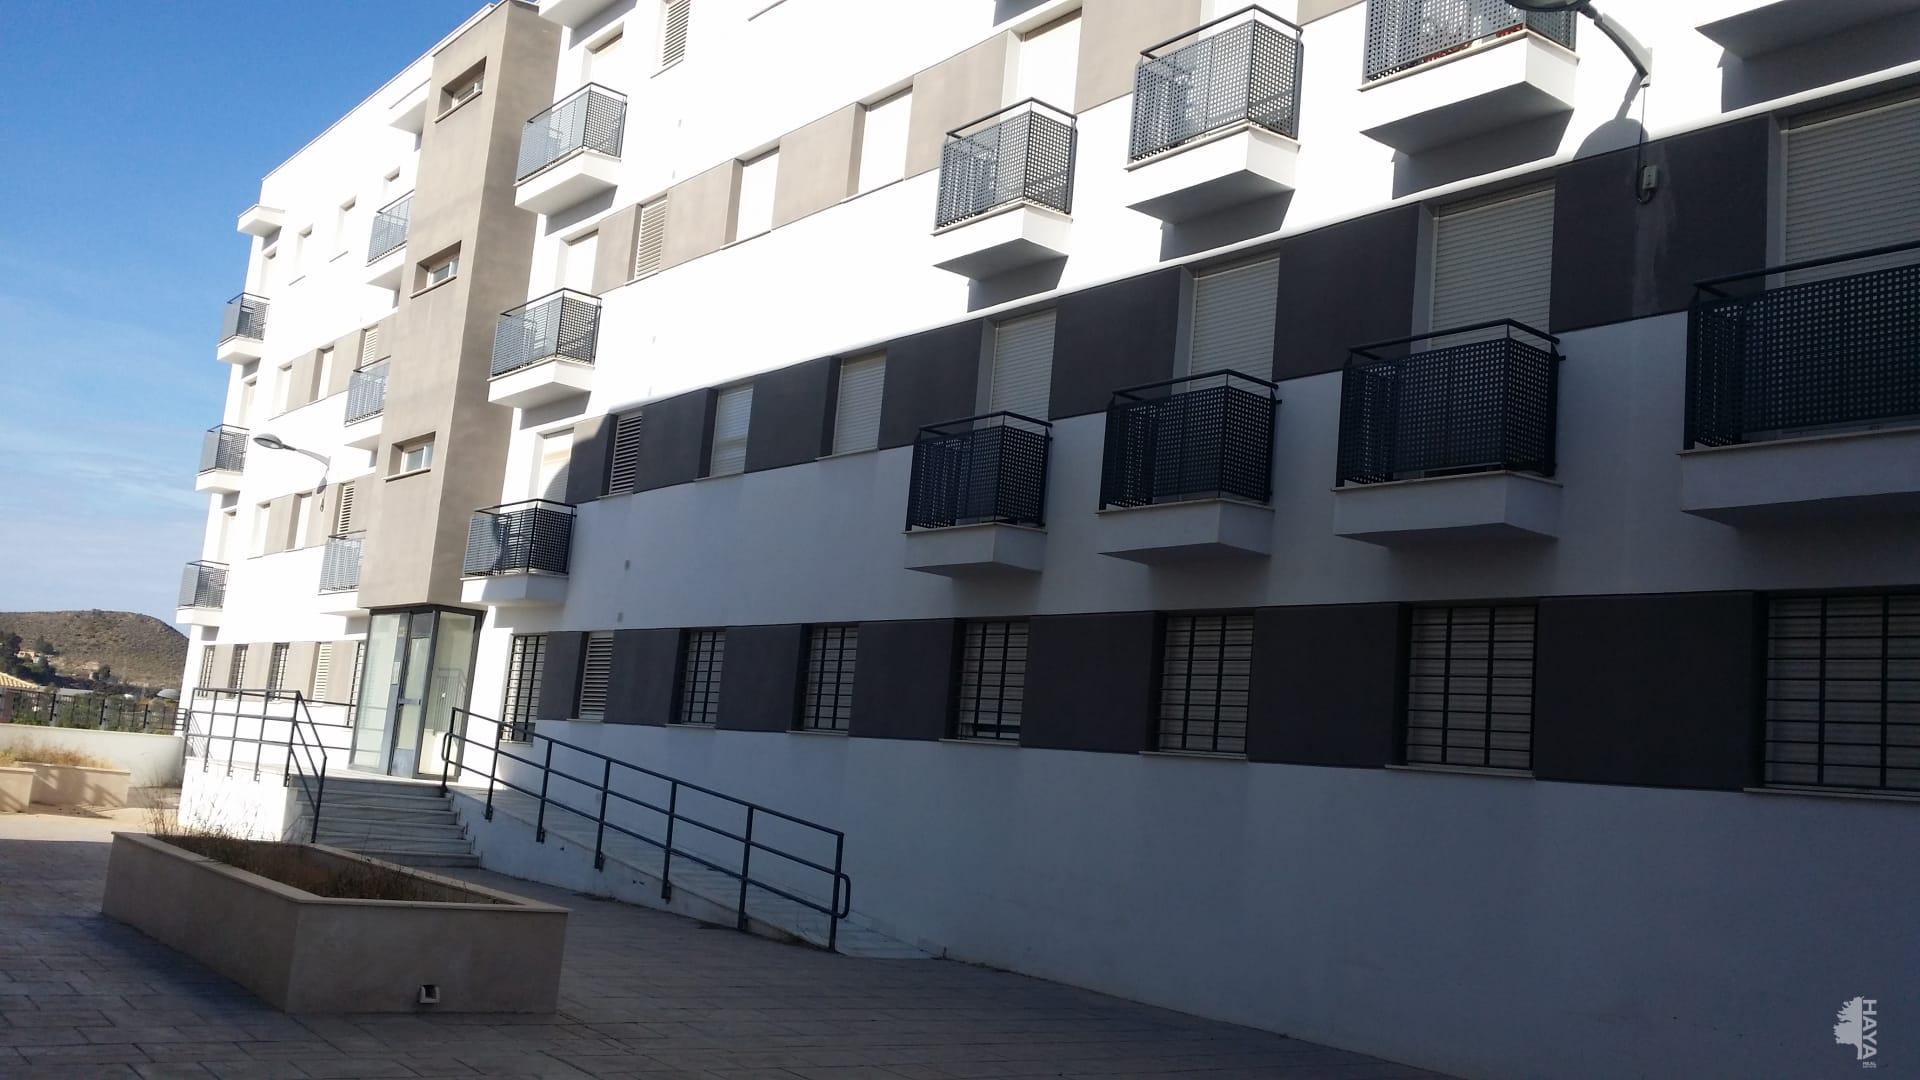 Piso en venta en Olula del Río, Almería, Calle Alta, 49.700 €, 2 habitaciones, 1 baño, 71 m2